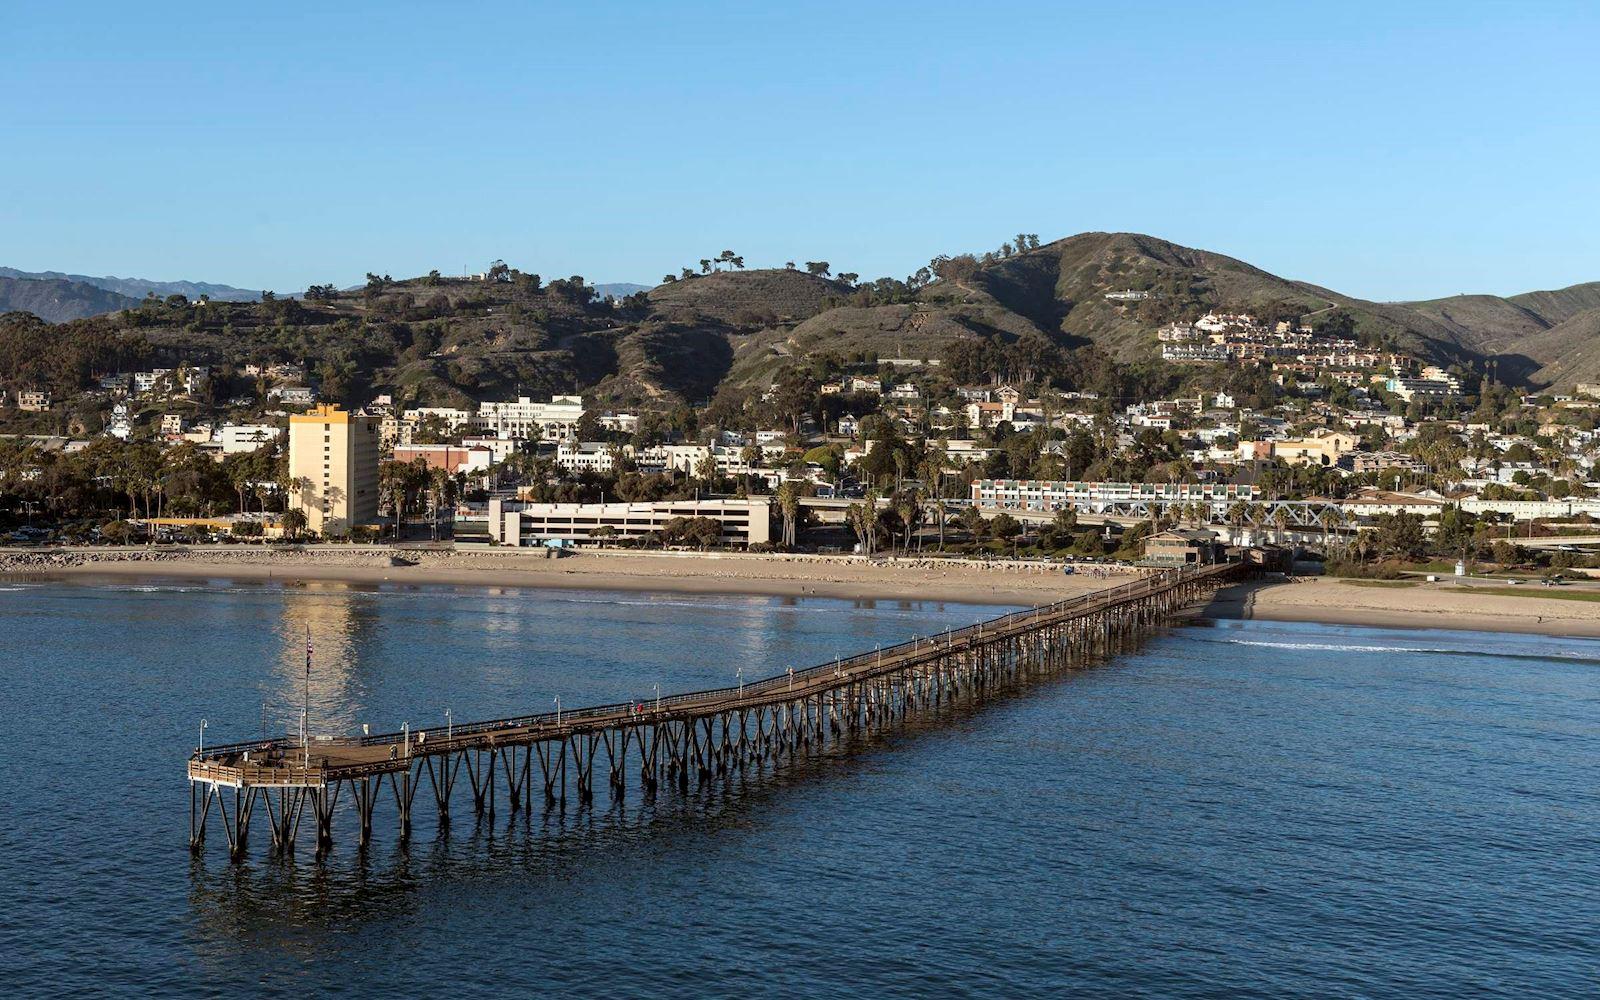 Hotels In Palm Springs >> Ventura, CA Hotel Accommodations - Vagabond Inn Ventura